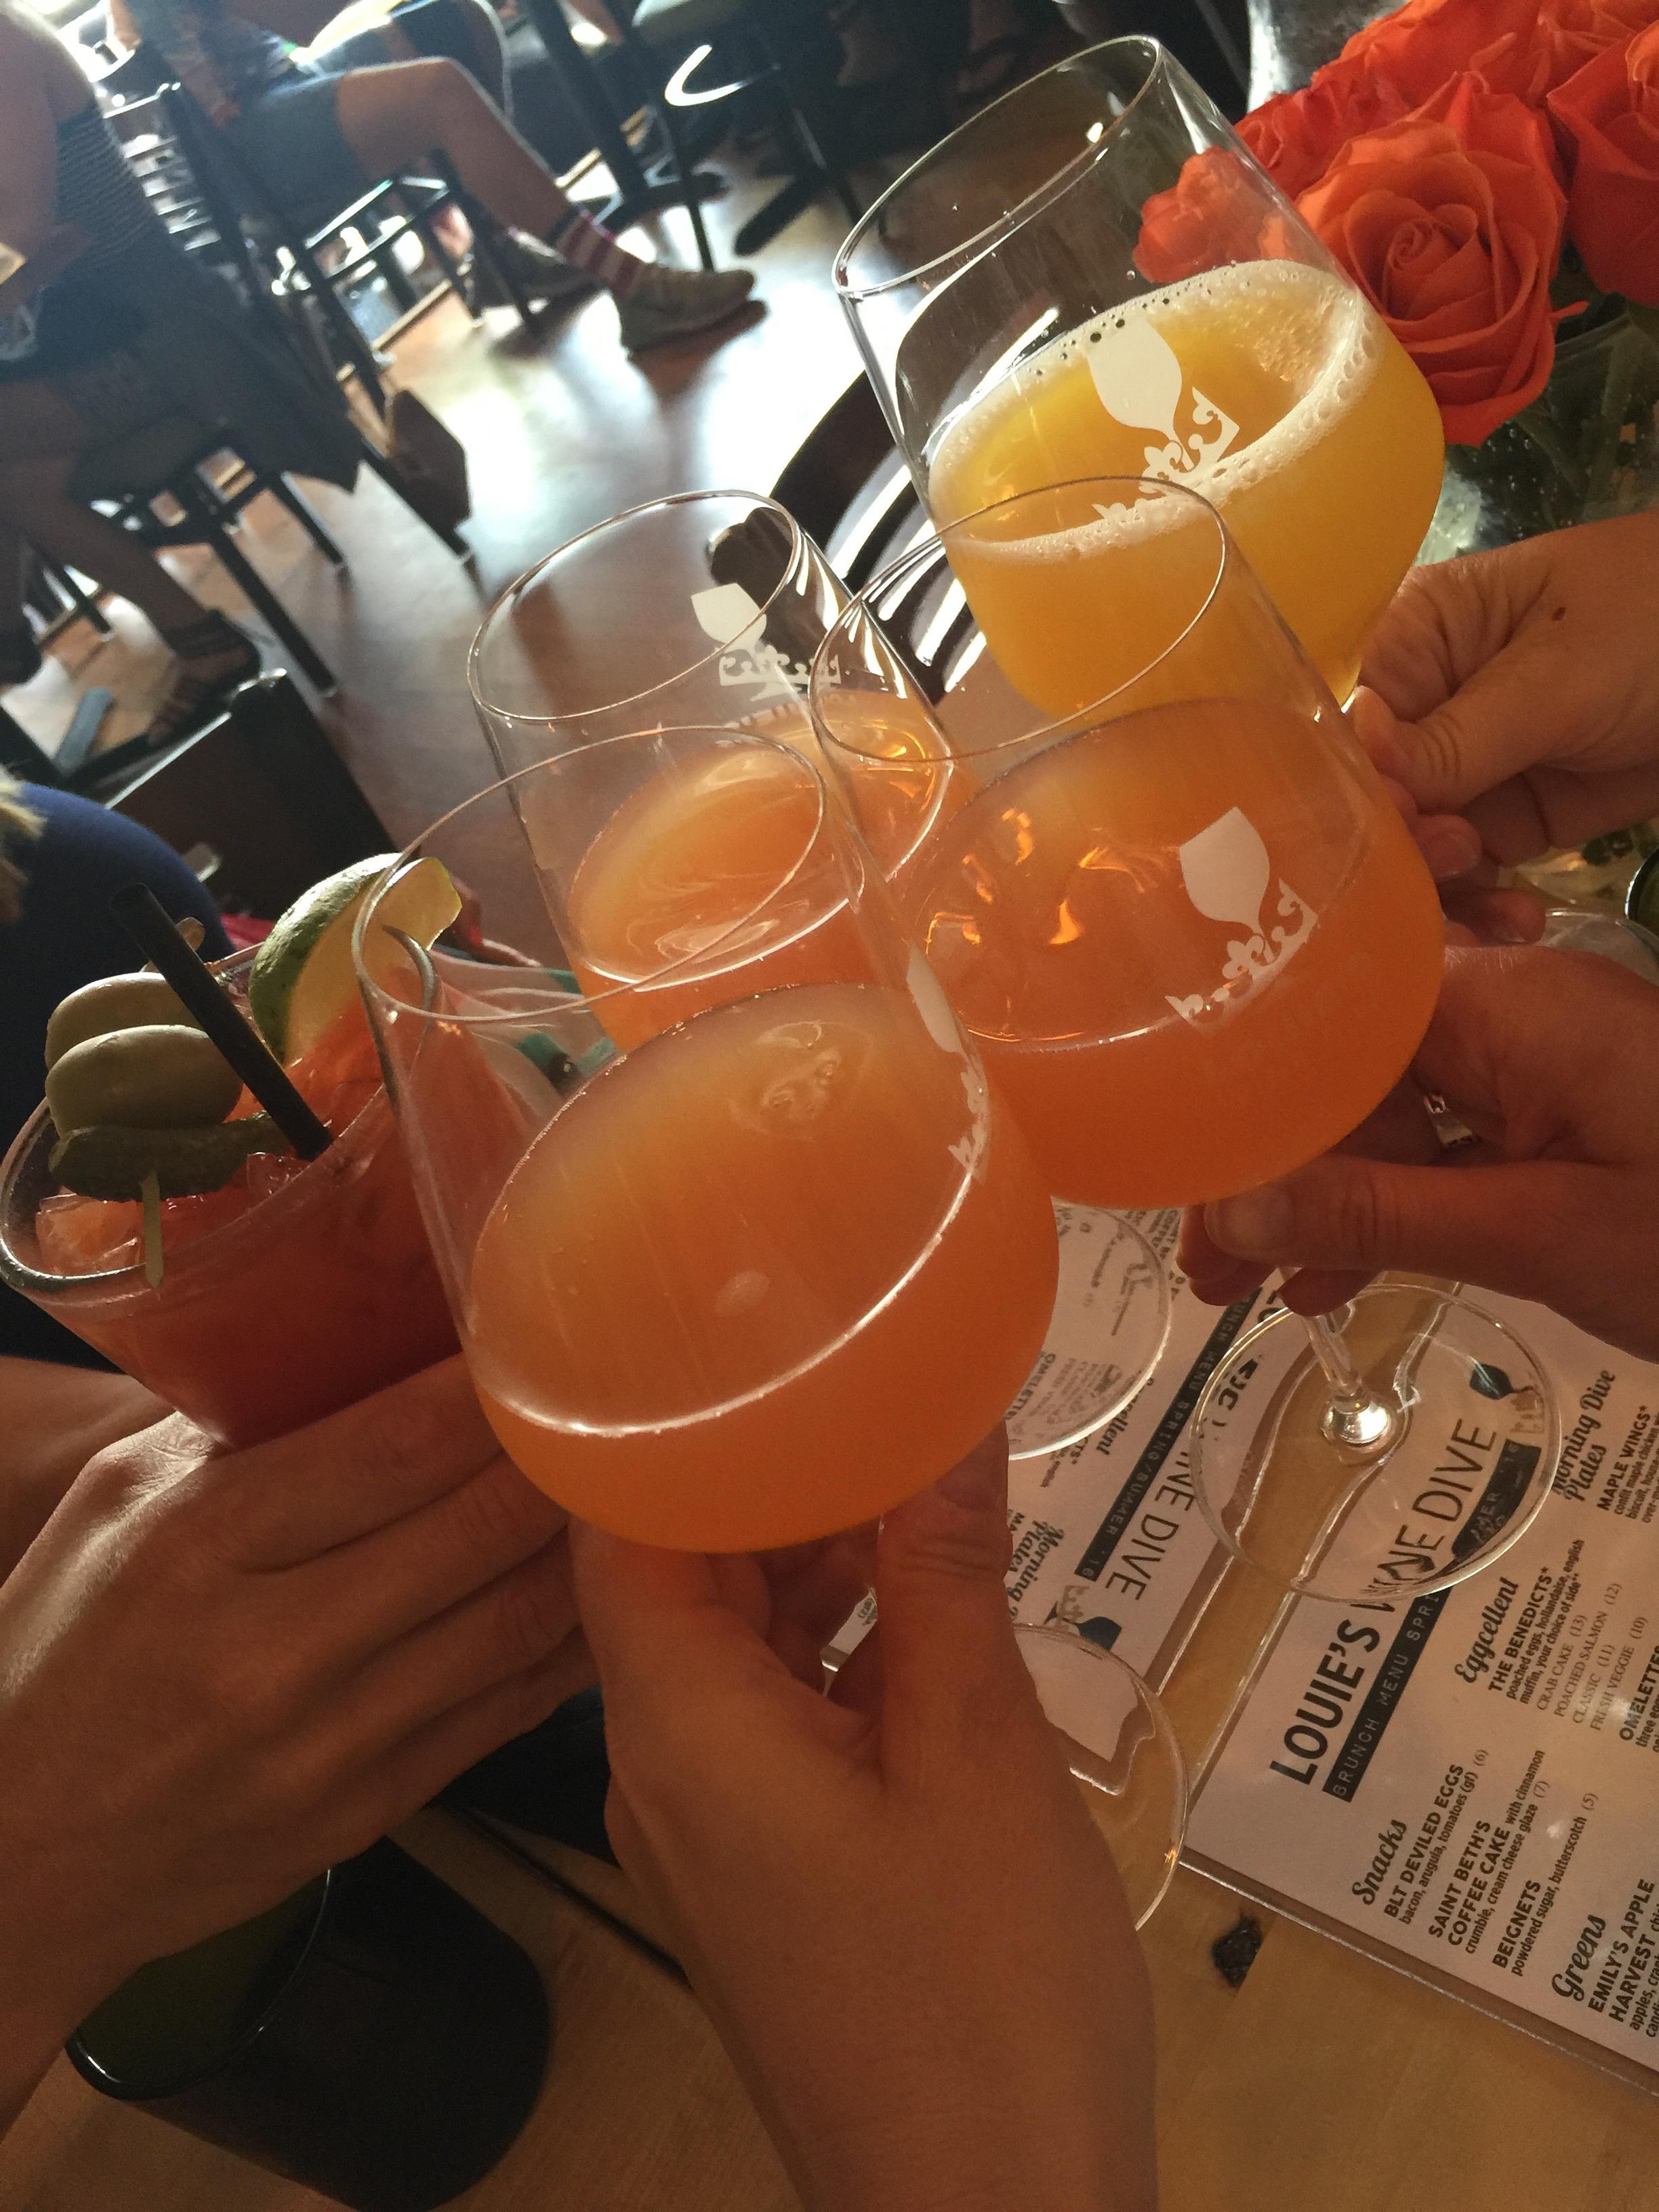 Grapefruit and Orange Juice mimosas